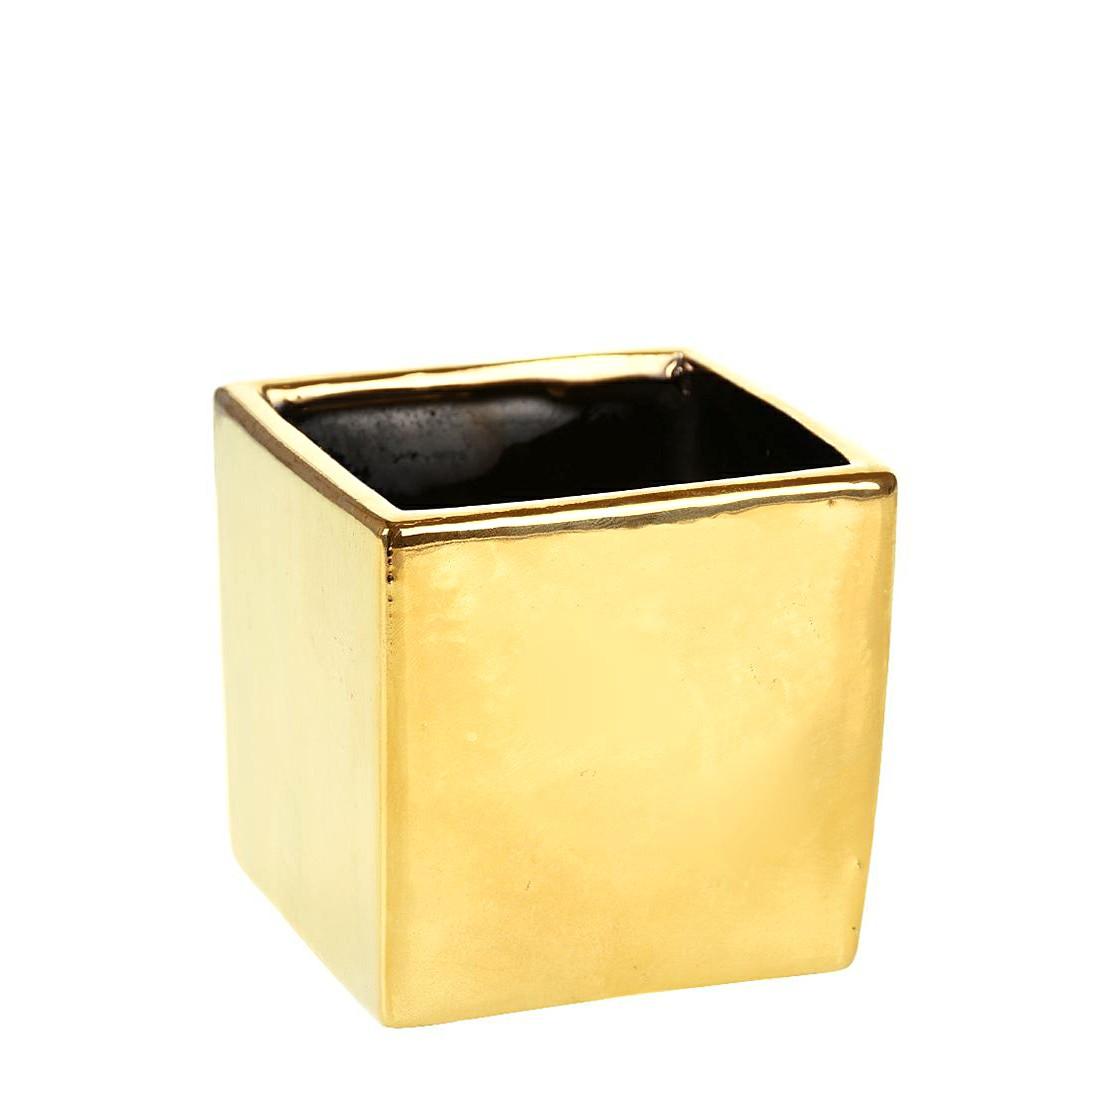 Vaso Decorativo de Ceramica Quadrado 10 cm Dourado - GPresentes